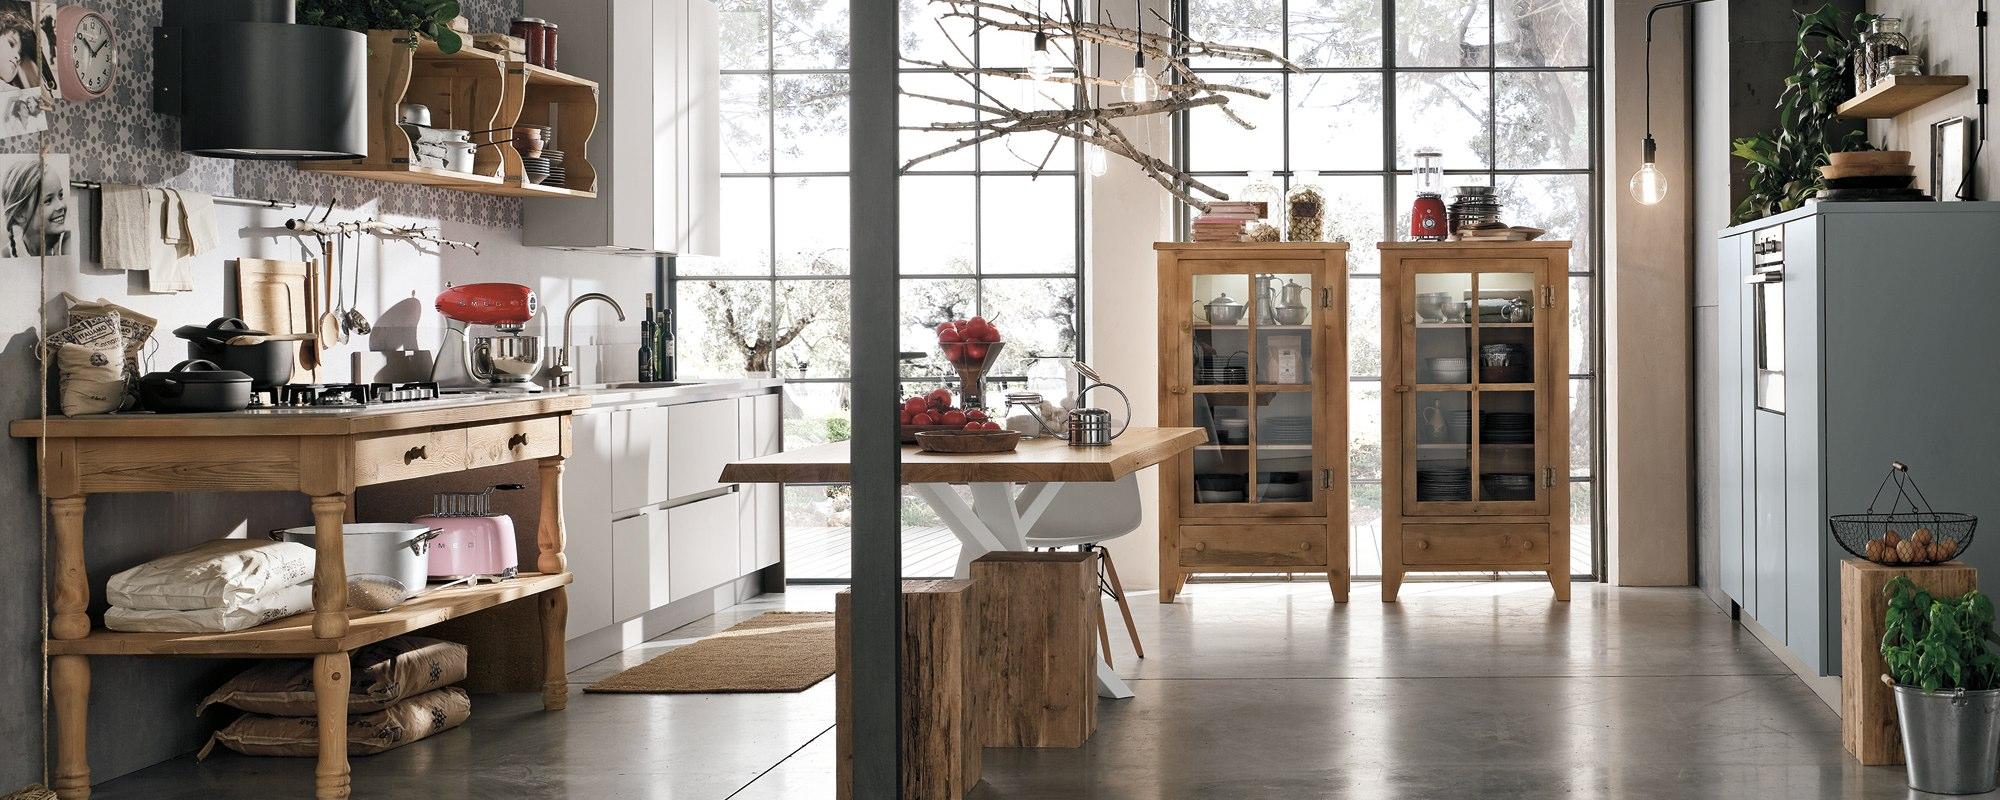 Cucine Moderne Home : Cucina stosa maya lorenzelli arredamenti